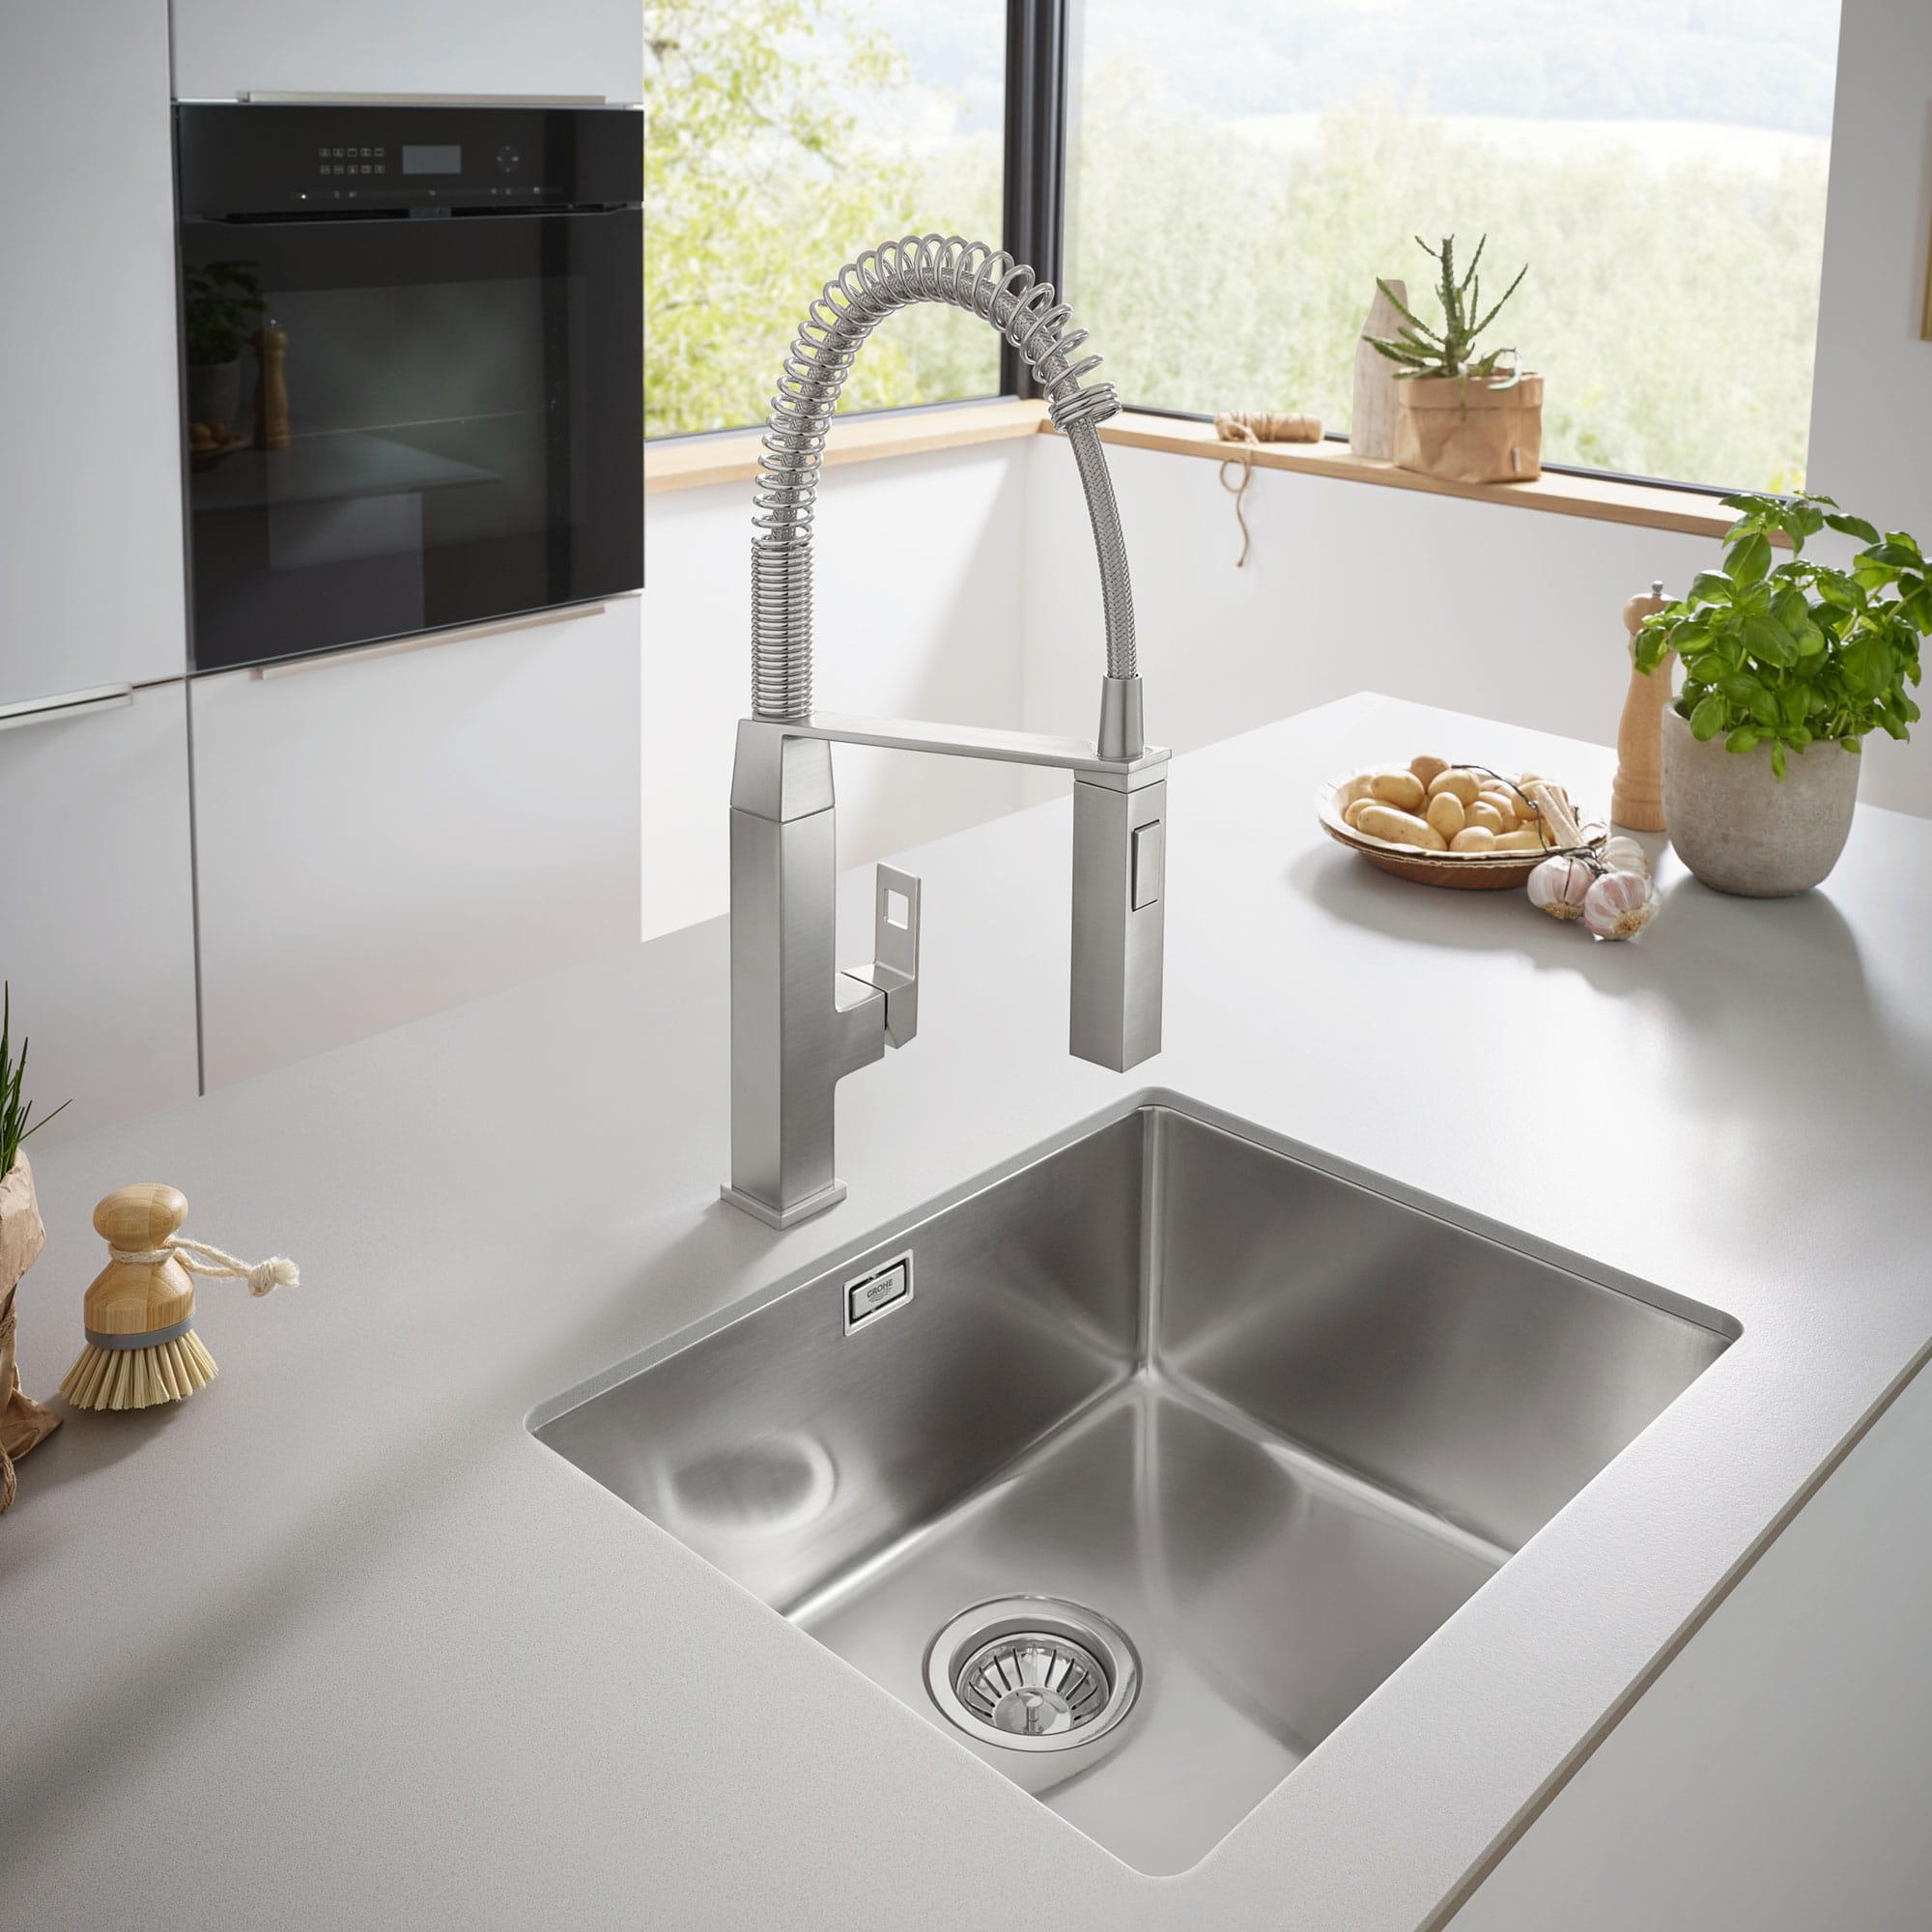 Eurocube Kitchen Faucet